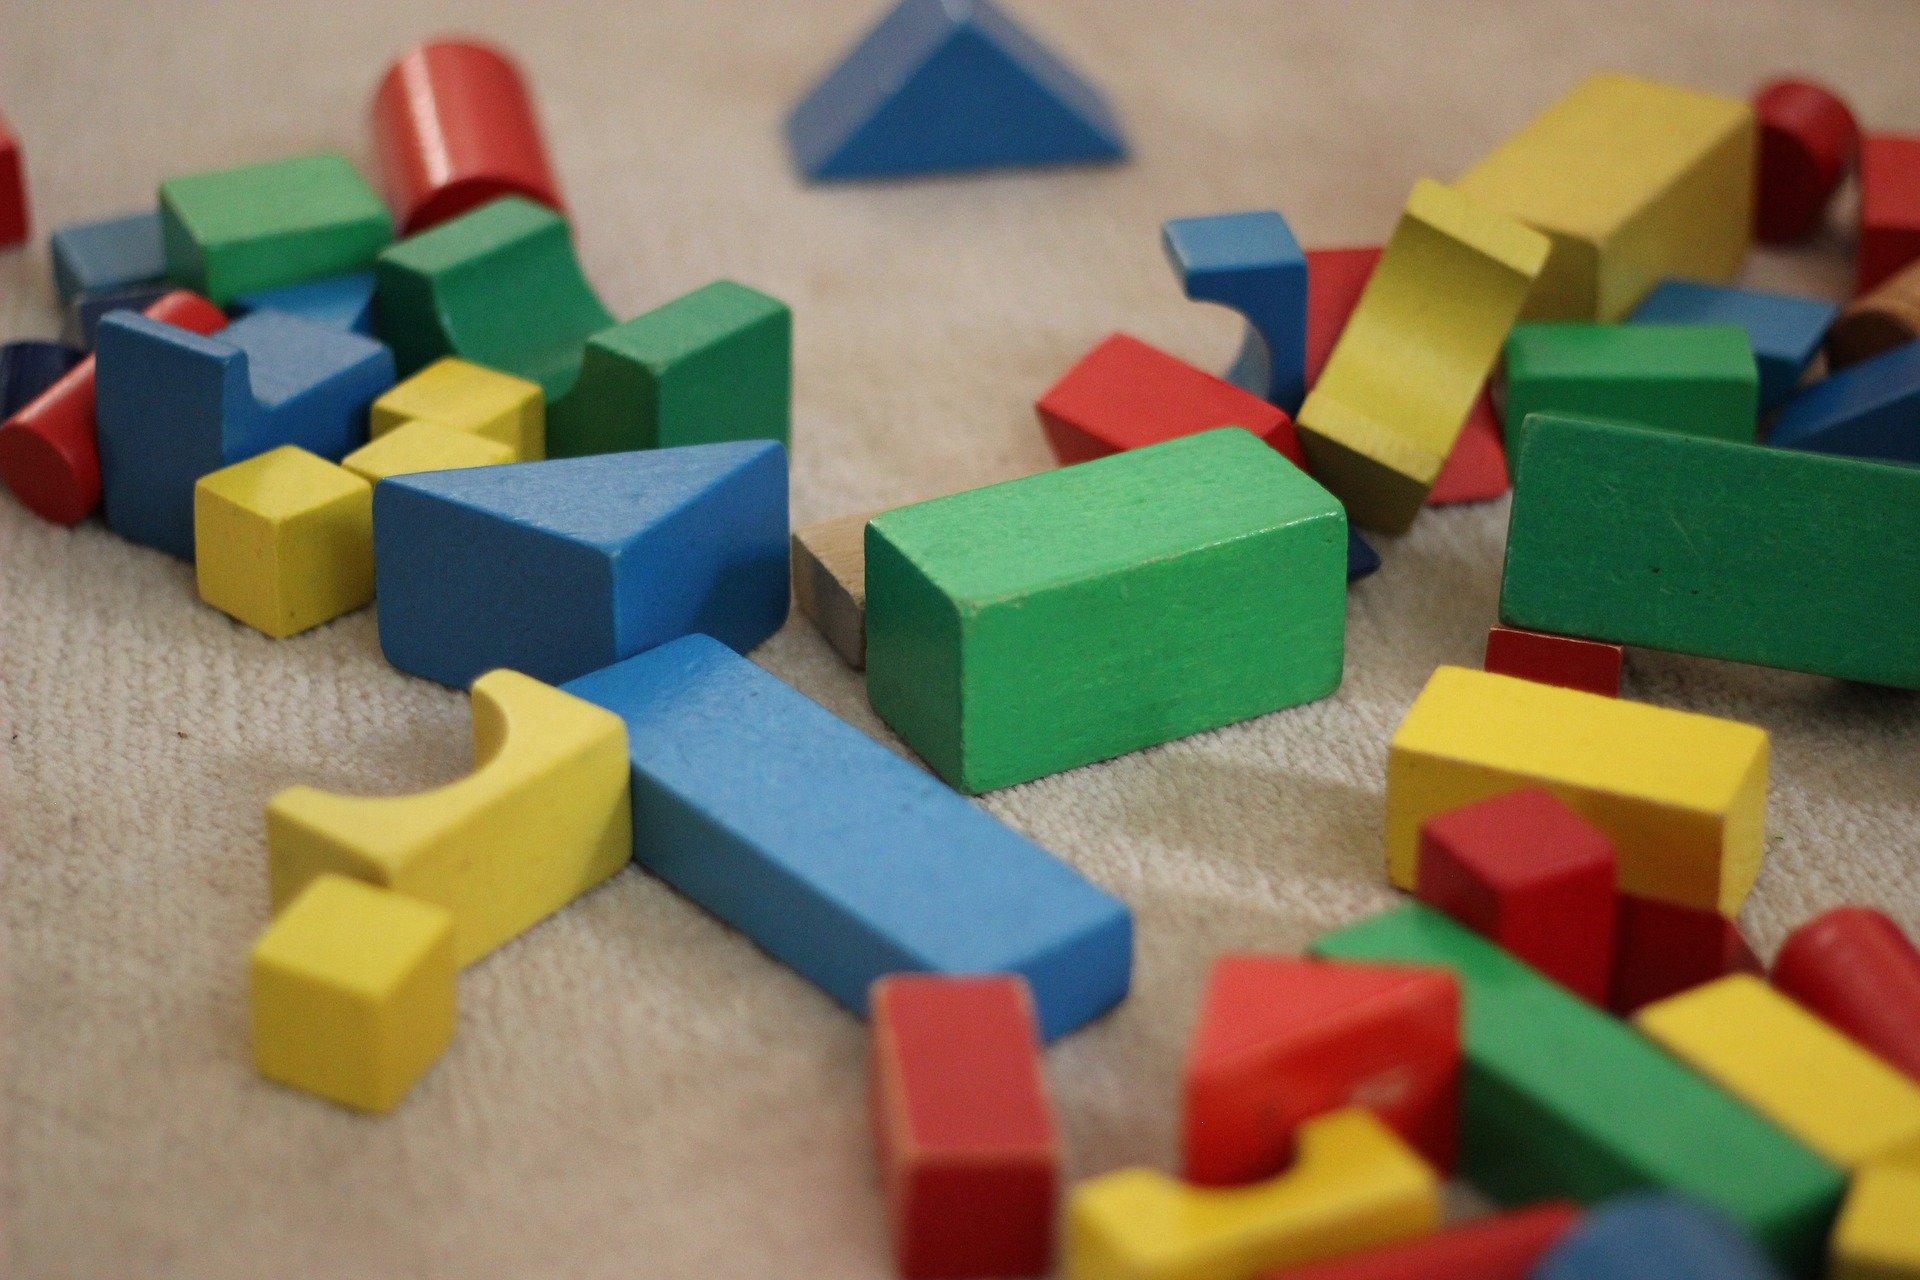 giochi in casa - giocare con le costruzioni